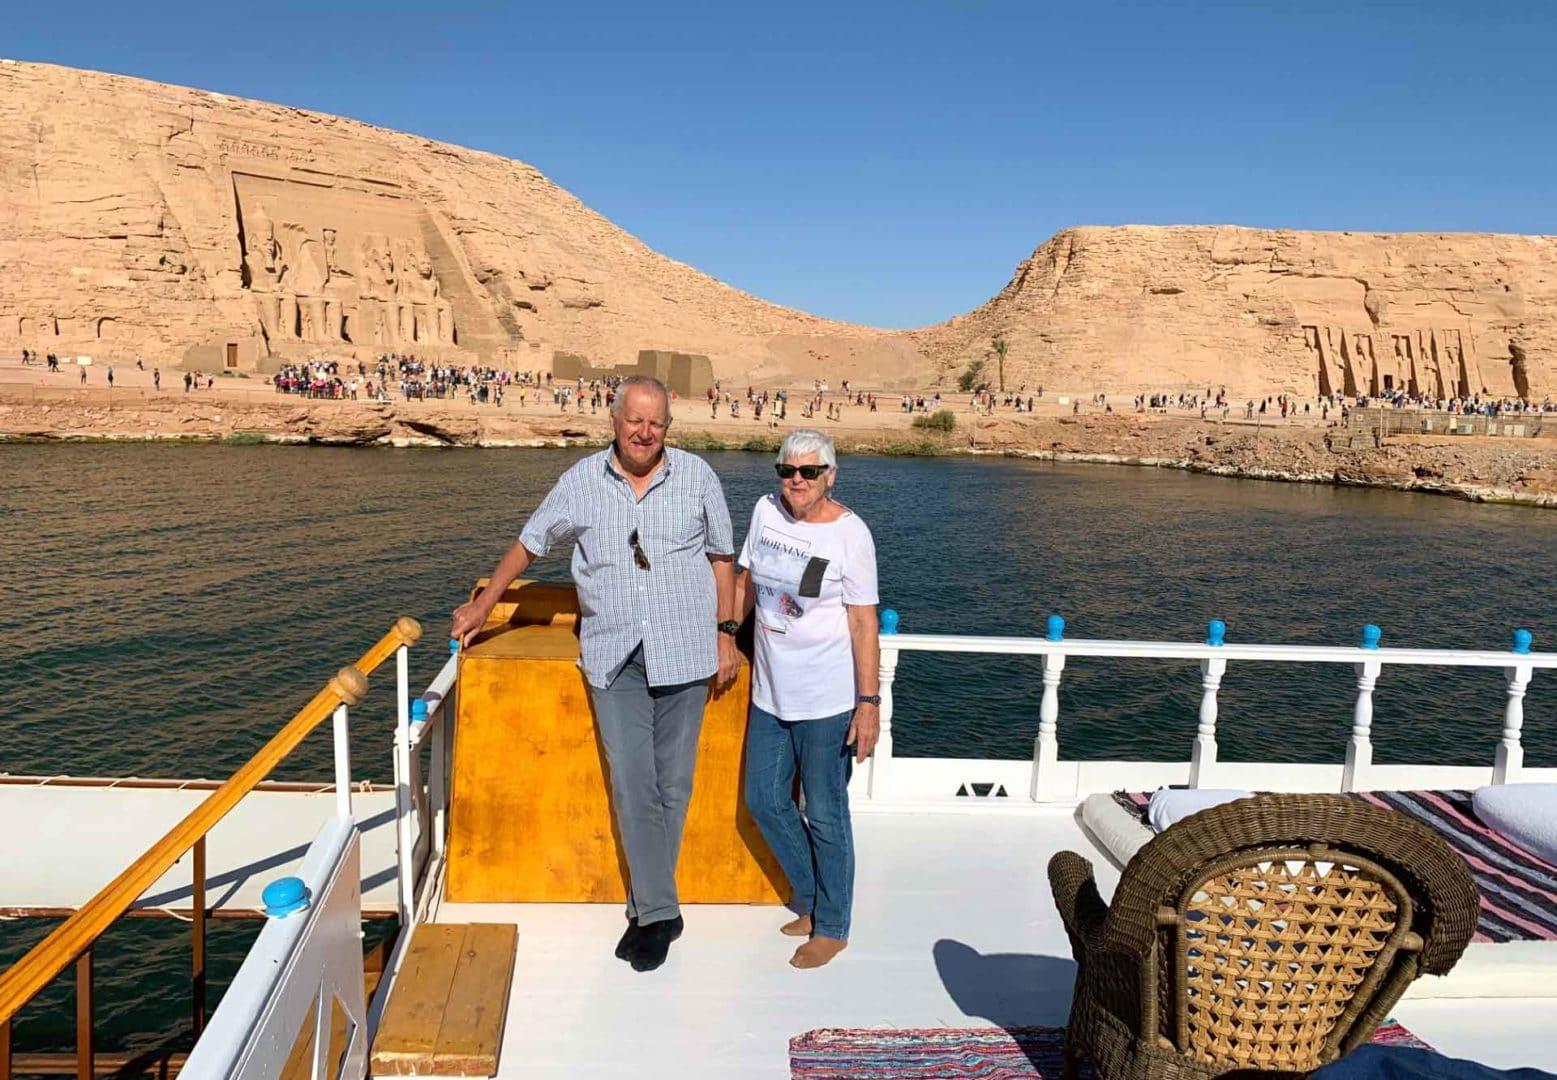 Croisière sur le Lac Nasser en dahabieh